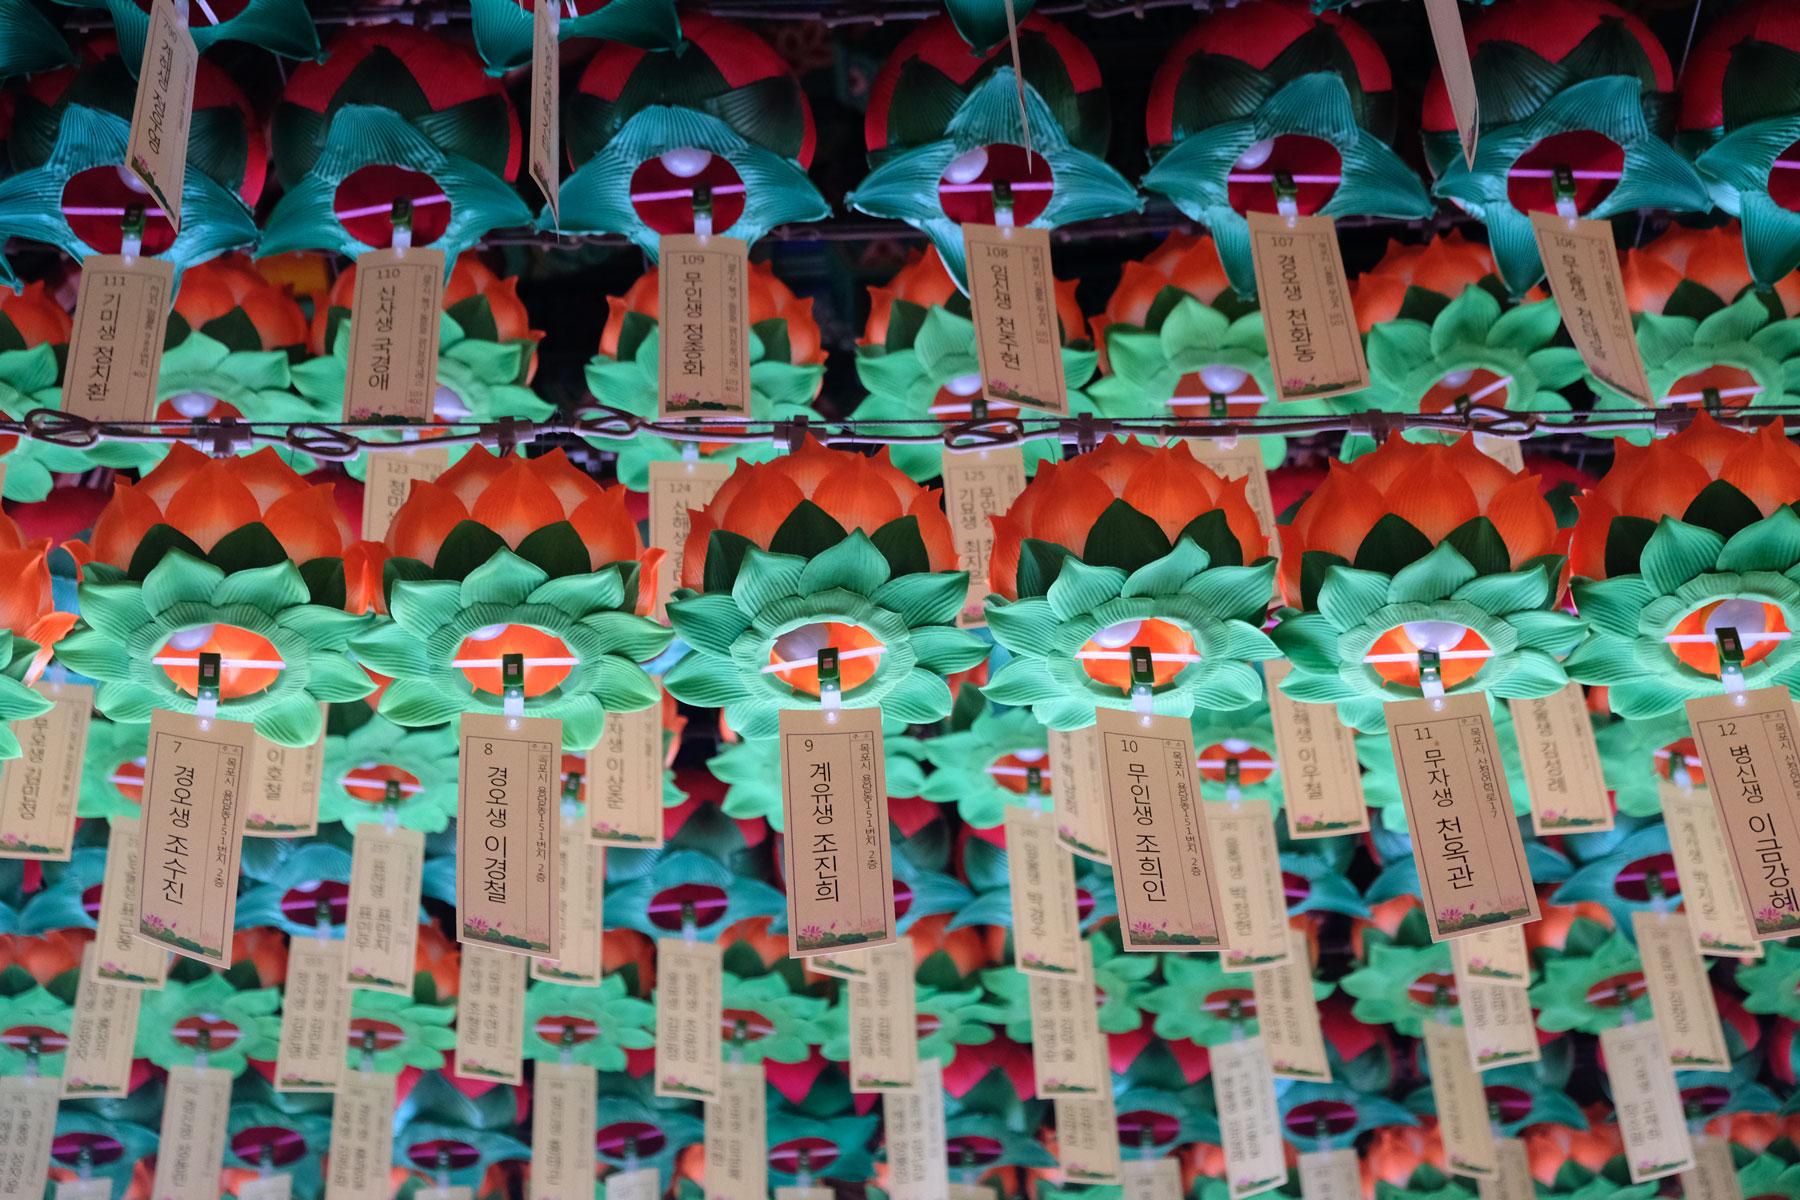 Gebete und Wünsche sind auf Zettel geschrieben, die an der Decke des Klosters in Mokpo in Südkorea hängen.